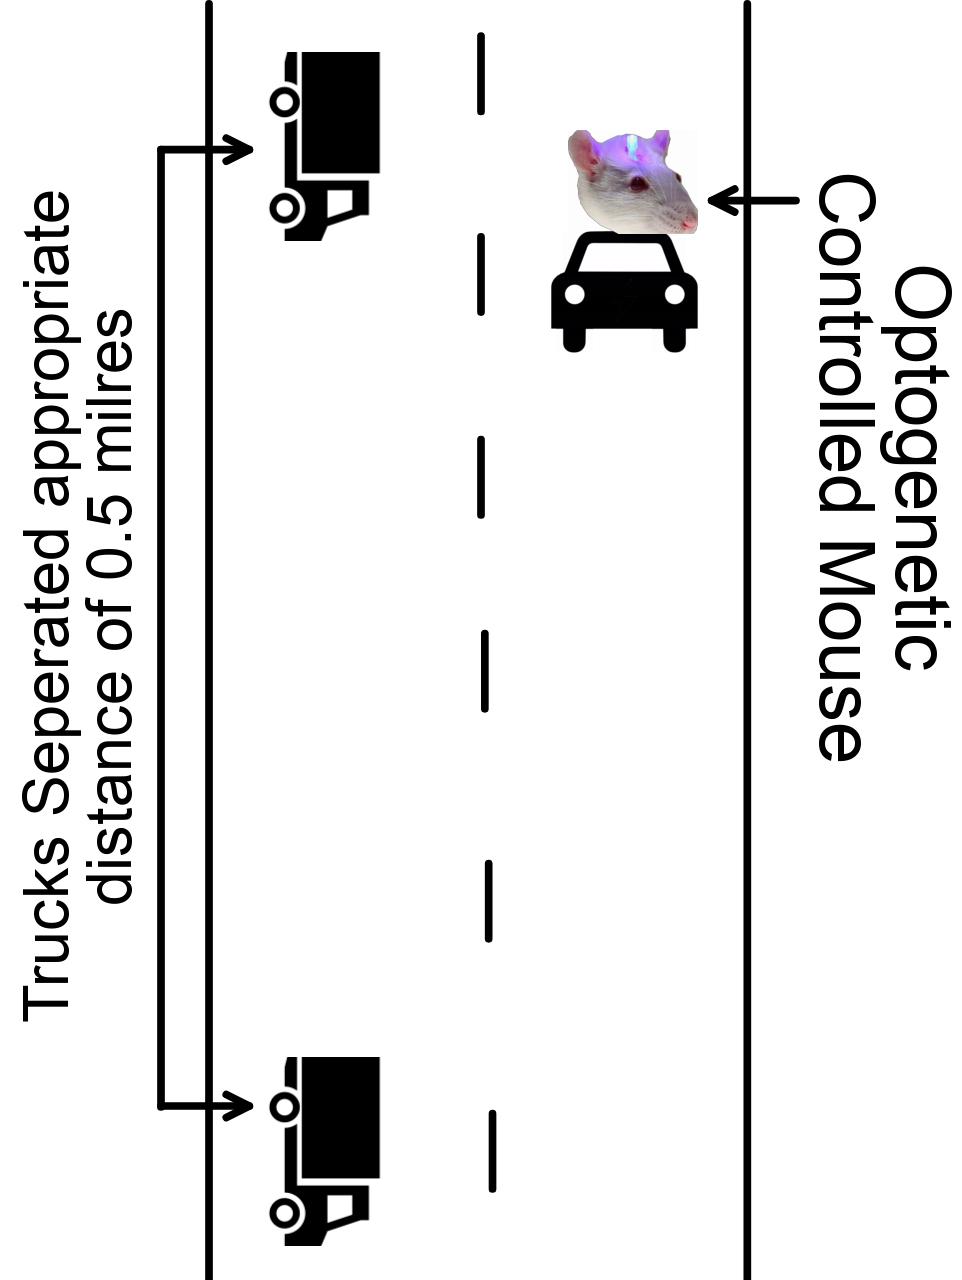 Figure 3: Kansas City to Denver Treadmill Setup